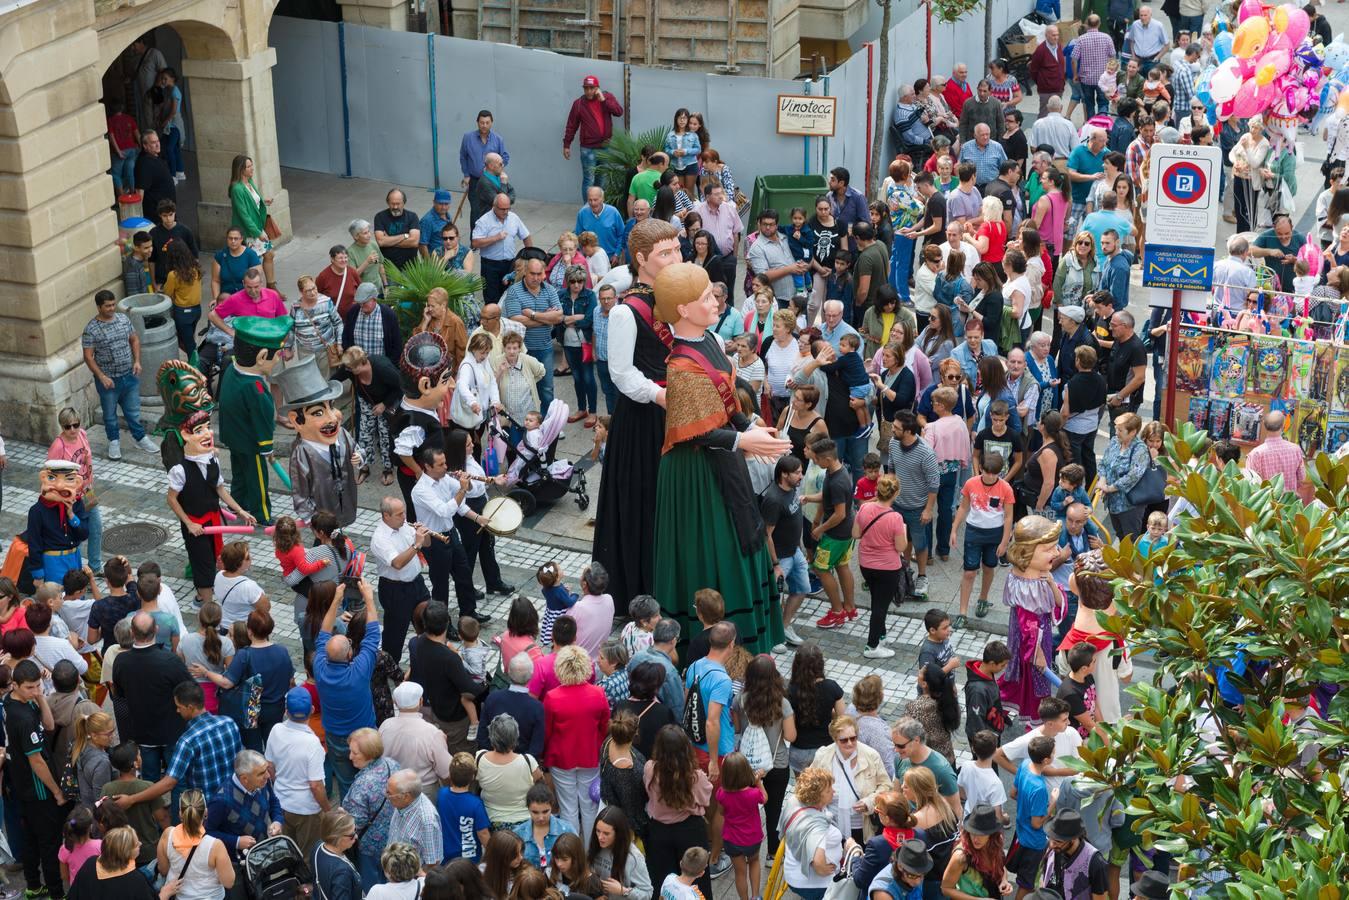 Fiestas de la Virgen de la Vega en Haro